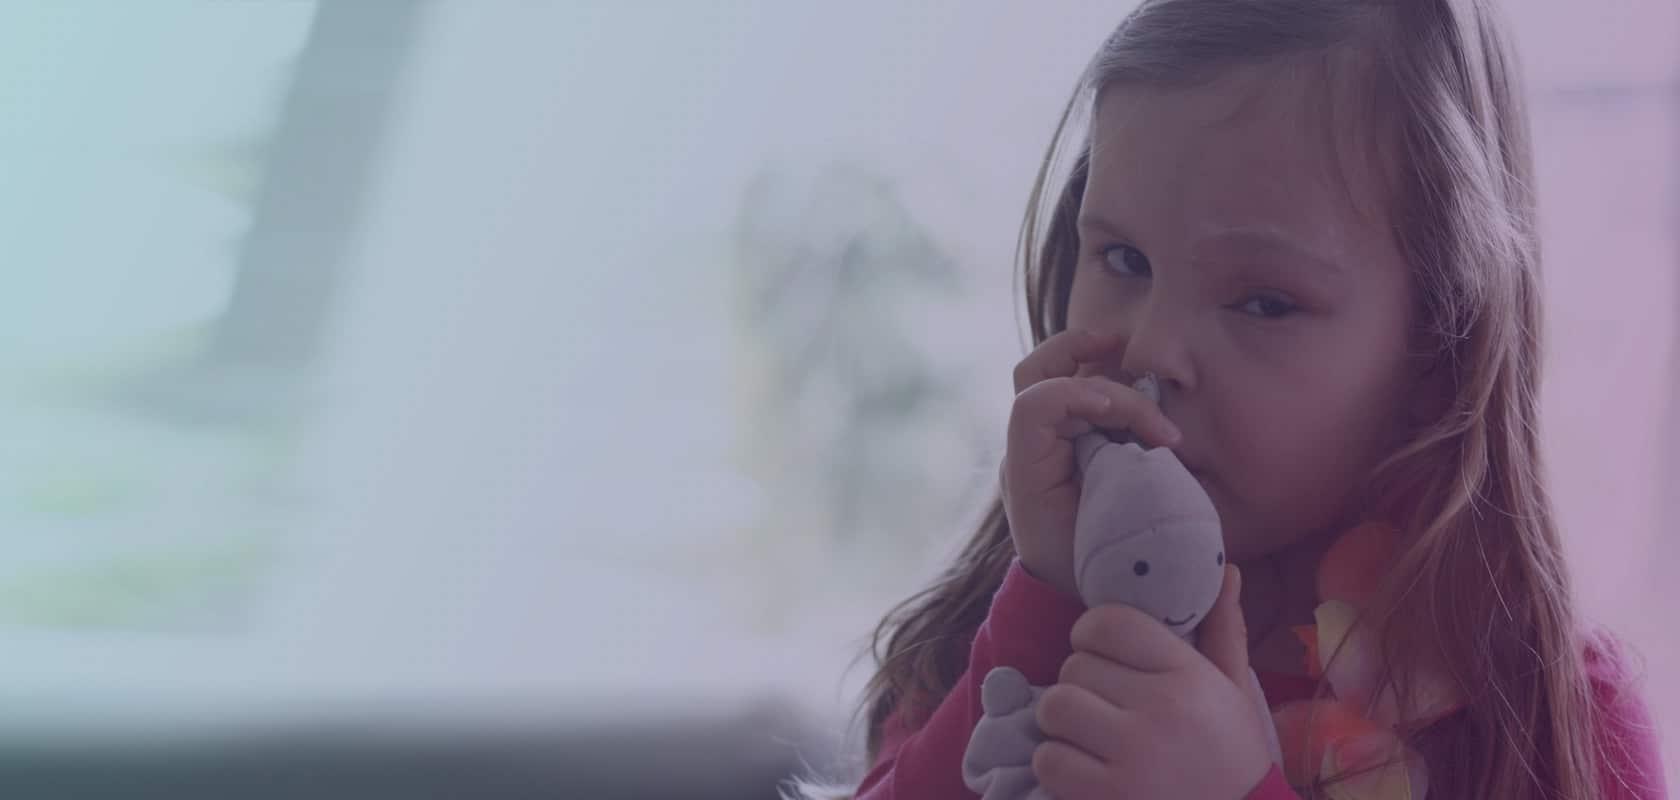 Stichting Benthe - Knokken tegen Lymfatische malformatie